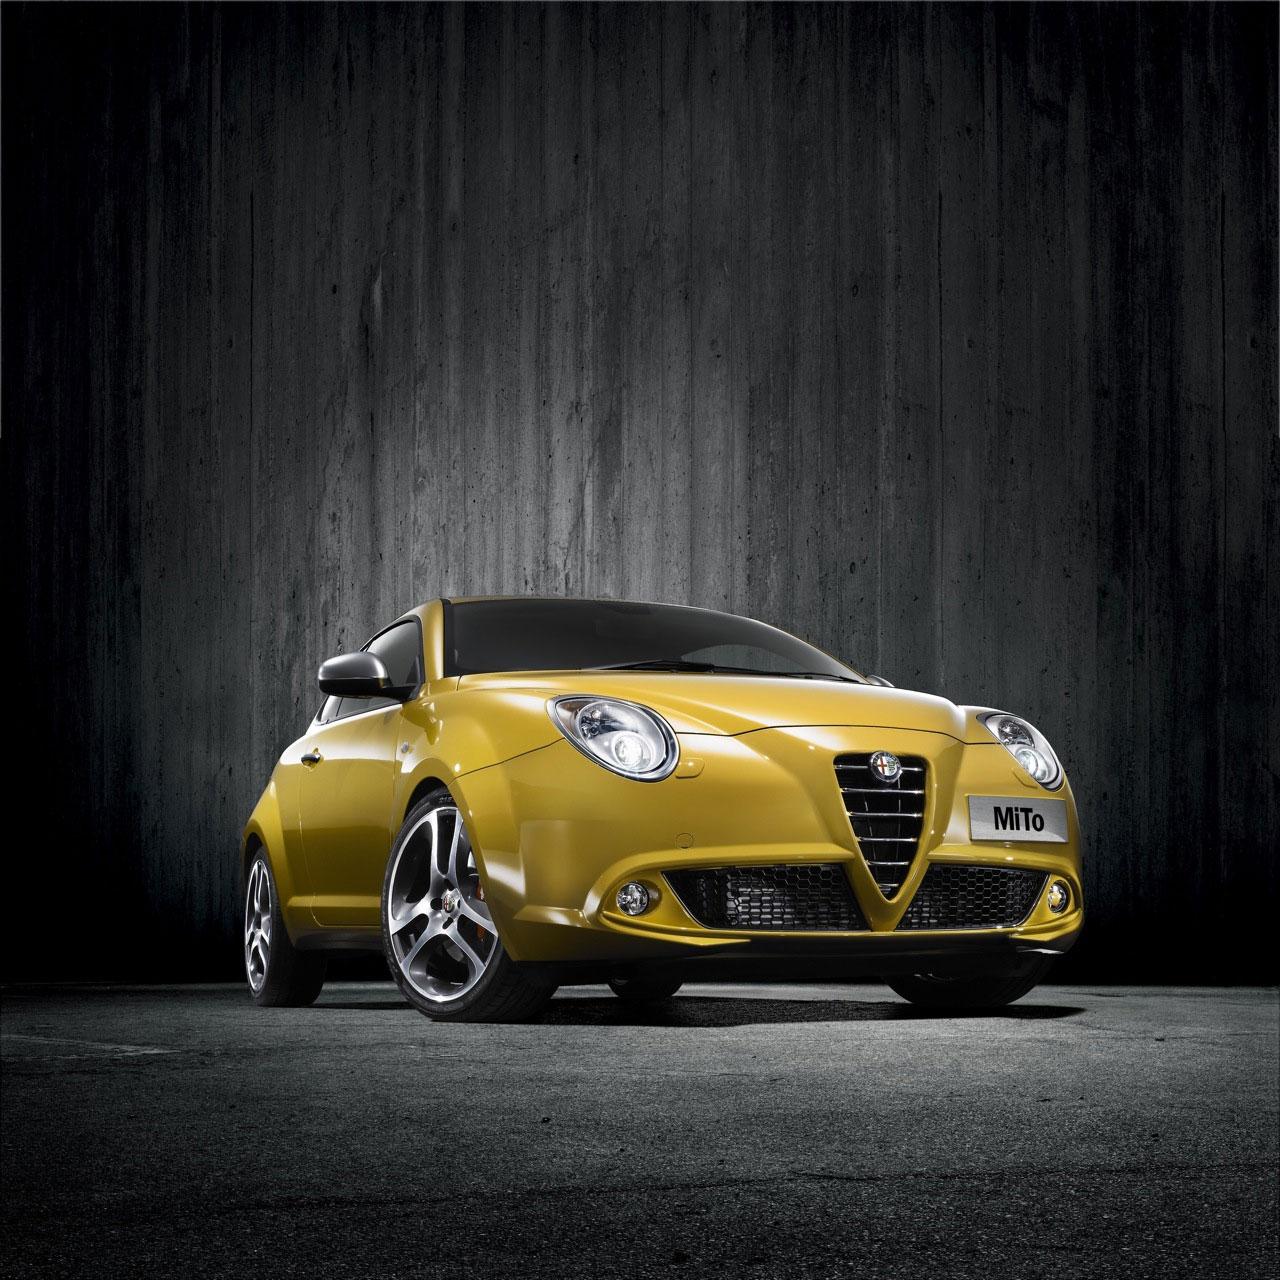 2010 Alfa Romeo MiTo Imola Edition